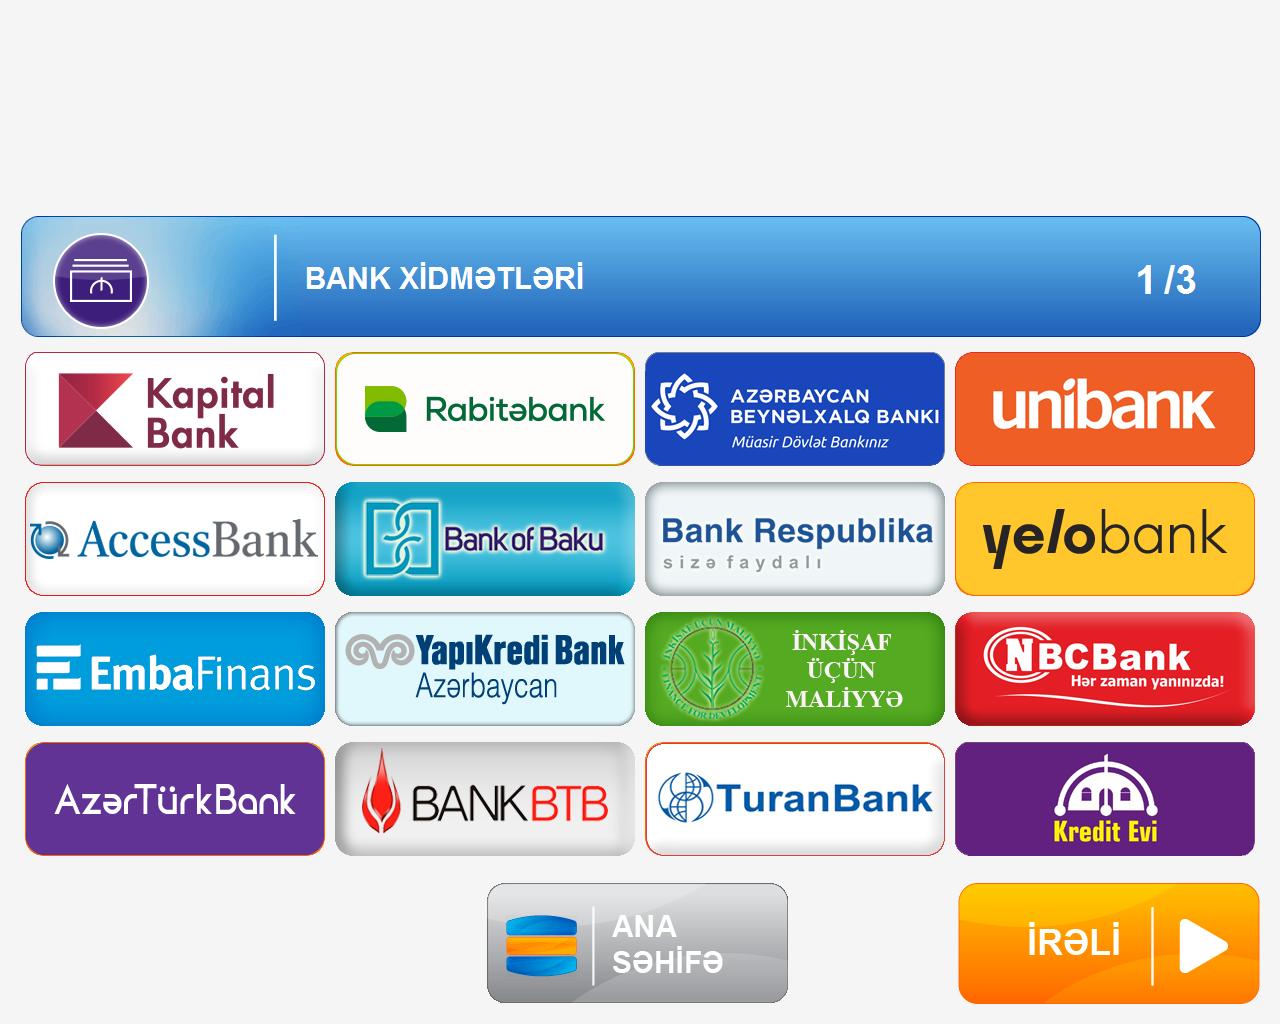 Выберите «Капитал Банк»